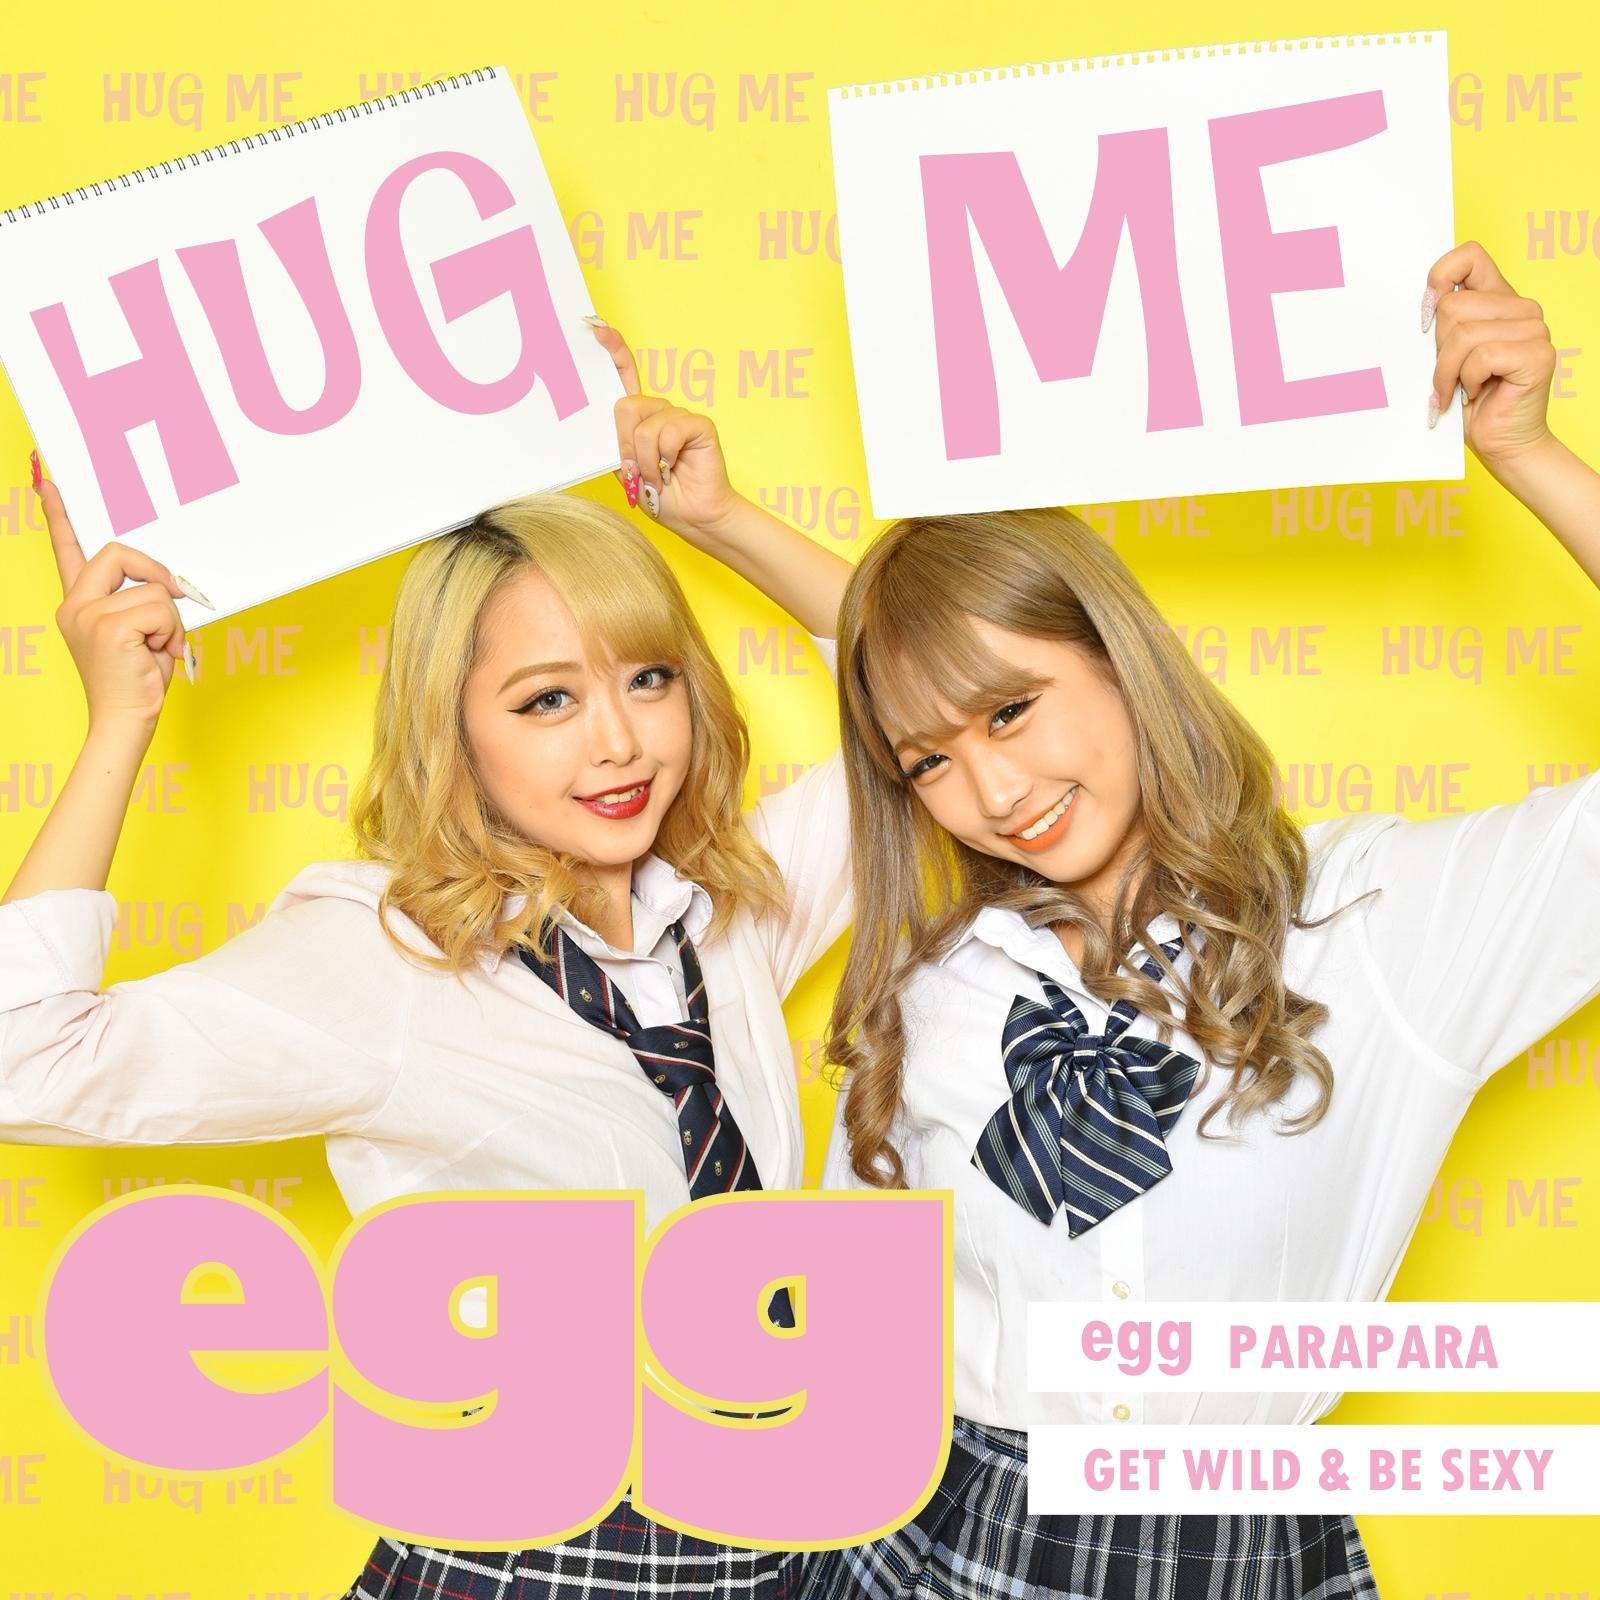 第2弾!!eggパラパラ楽曲配信情報🎶🌈